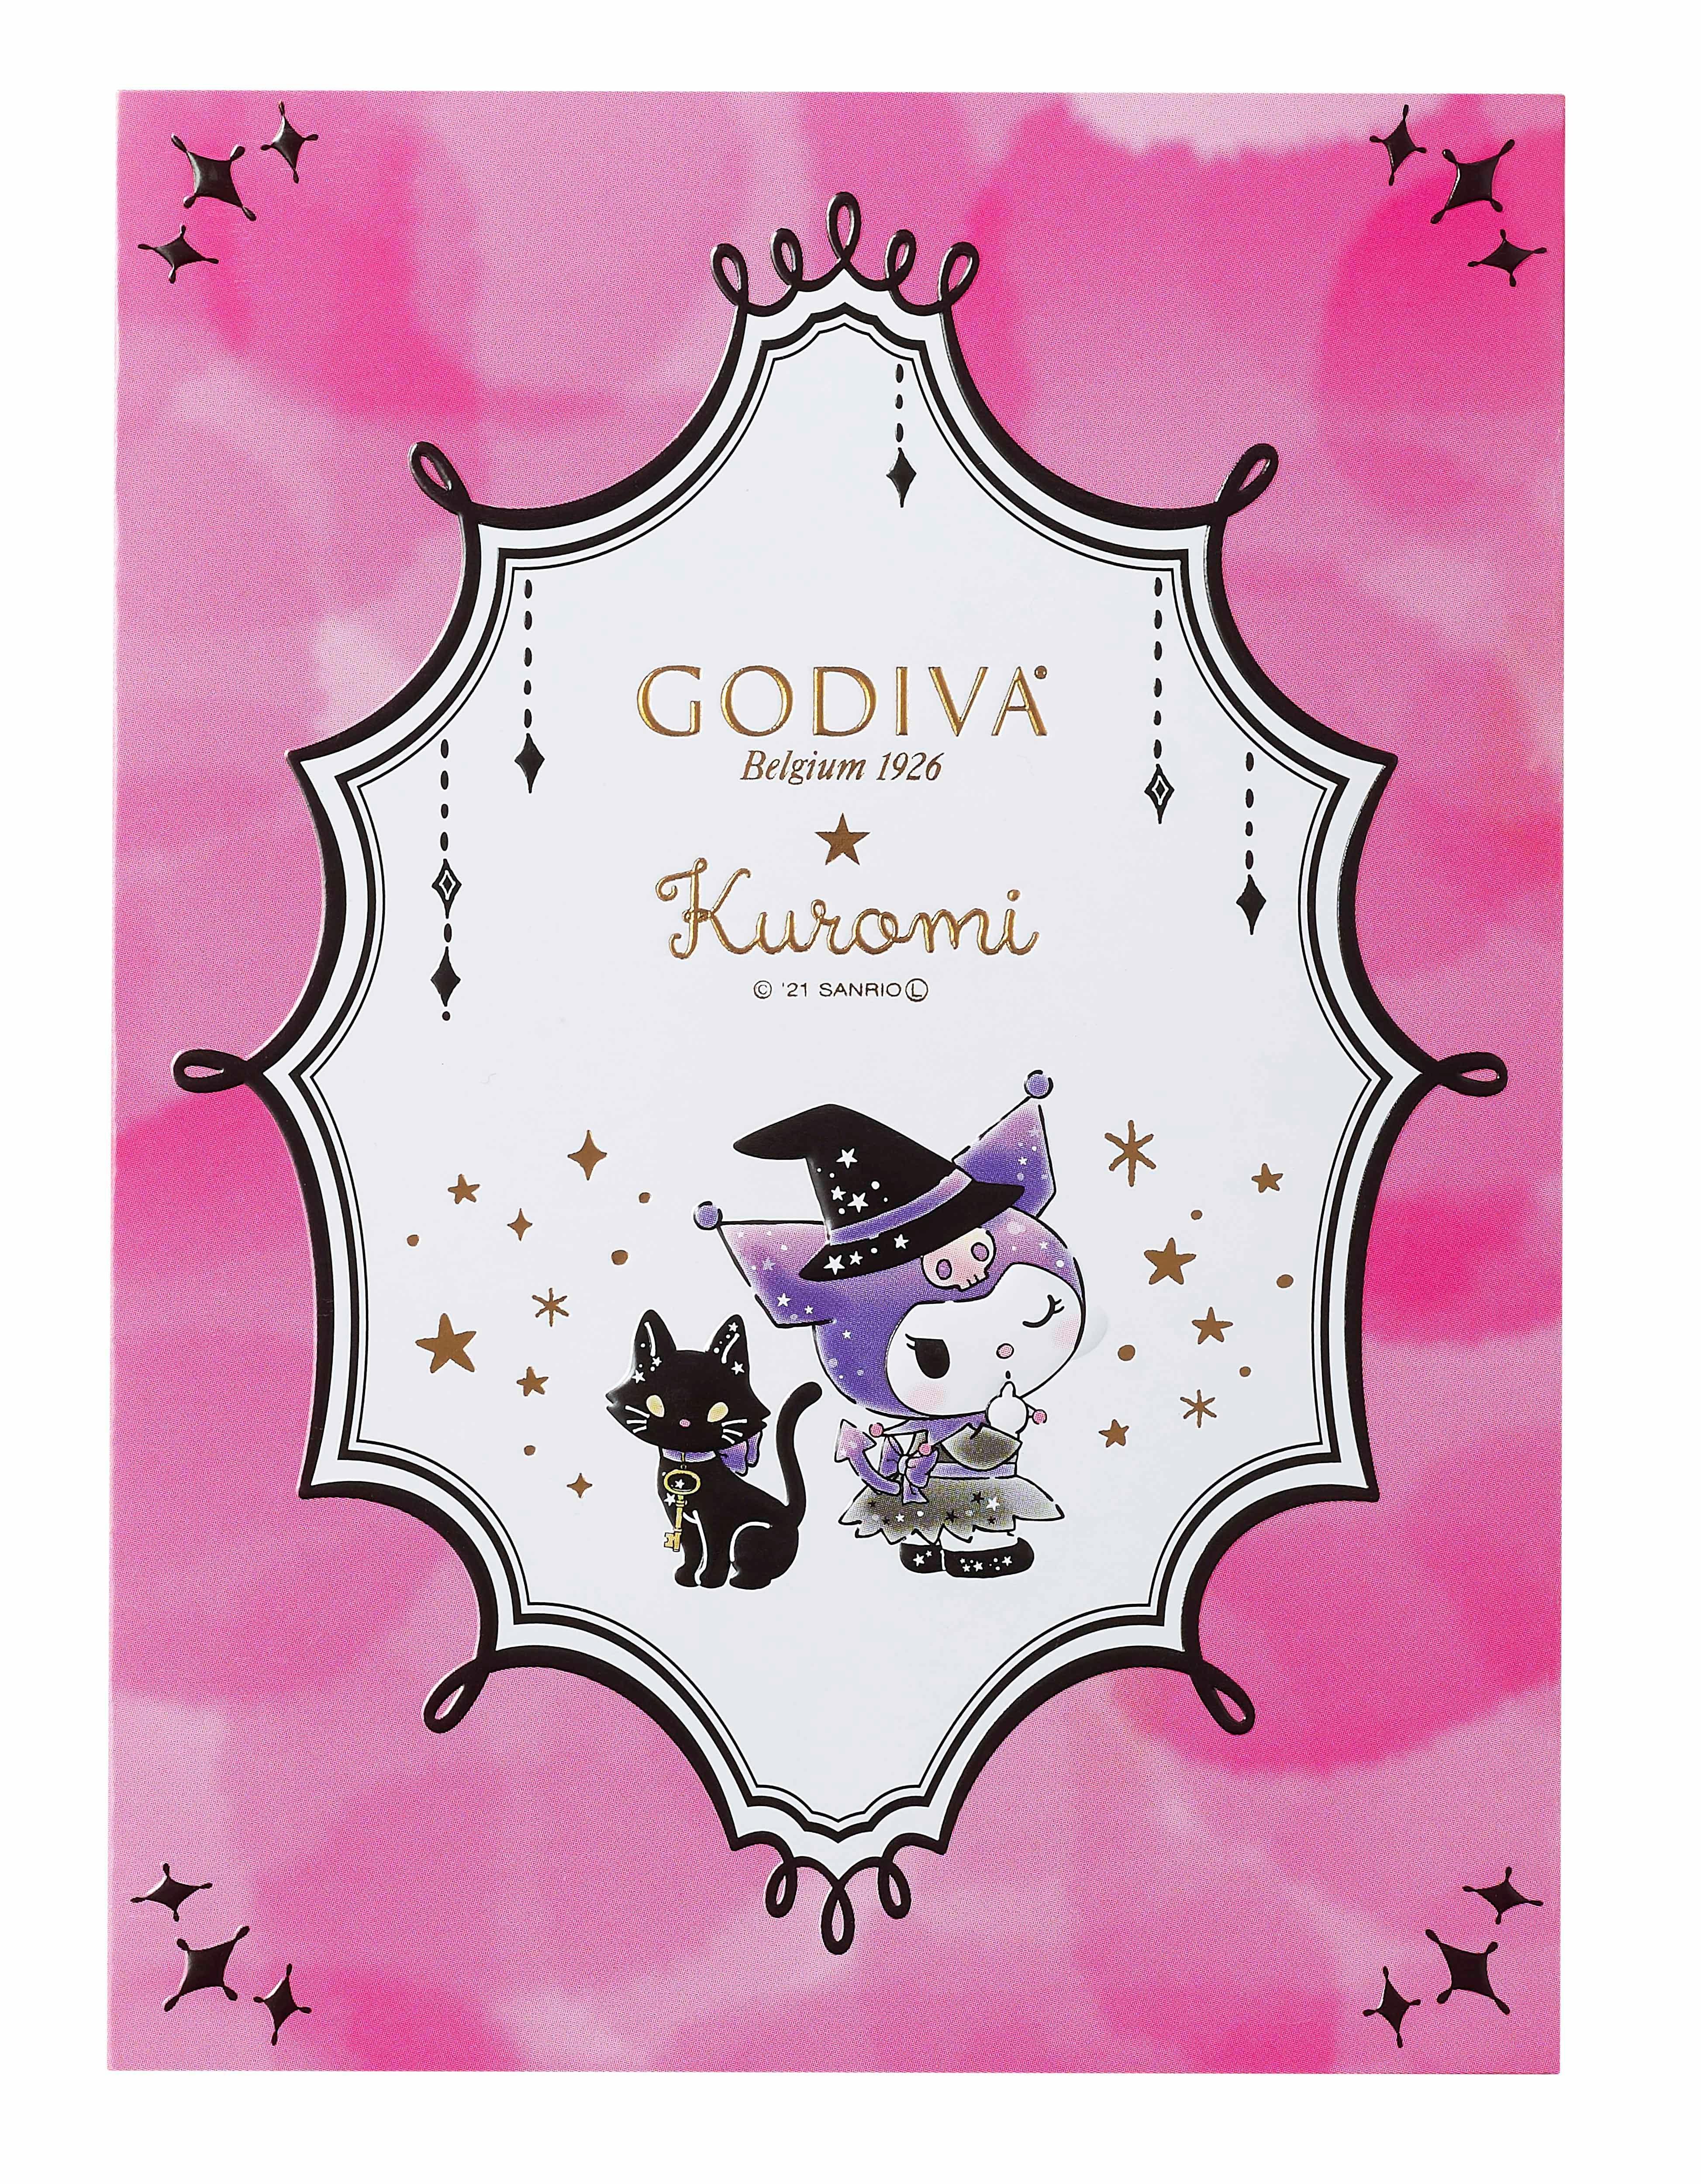 【ゴディバ×クロミ】ハロウィンムードを盛り上げる限定コレクションが登場!